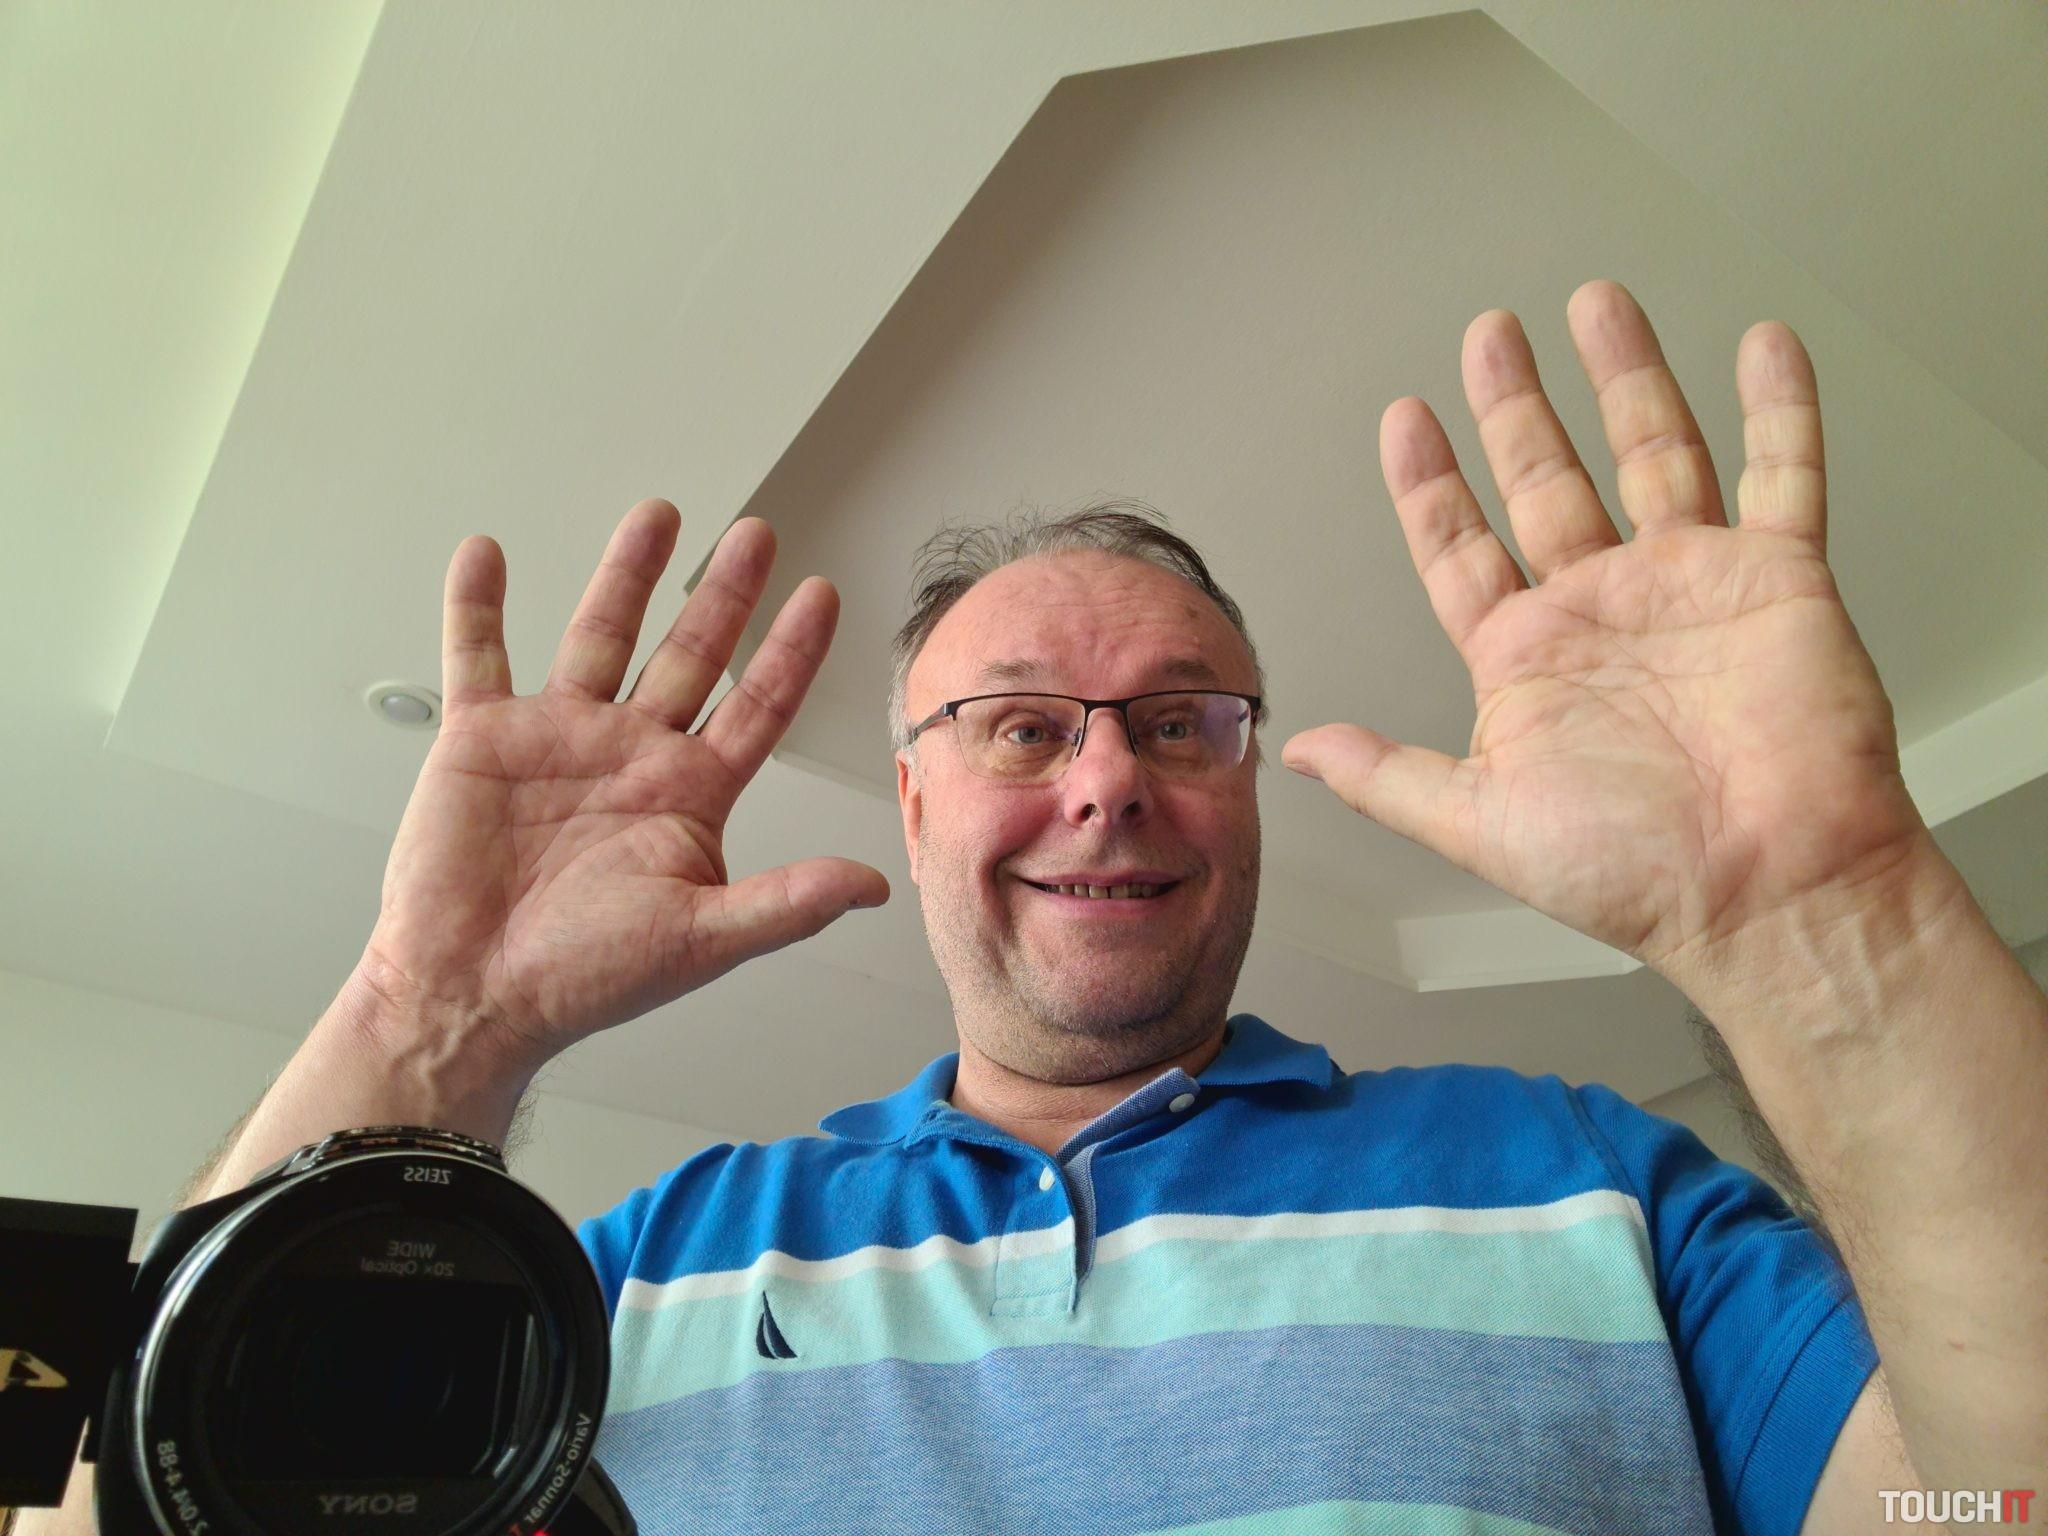 Selfie fotografia pôvodne v rozlíšení 40 MPx